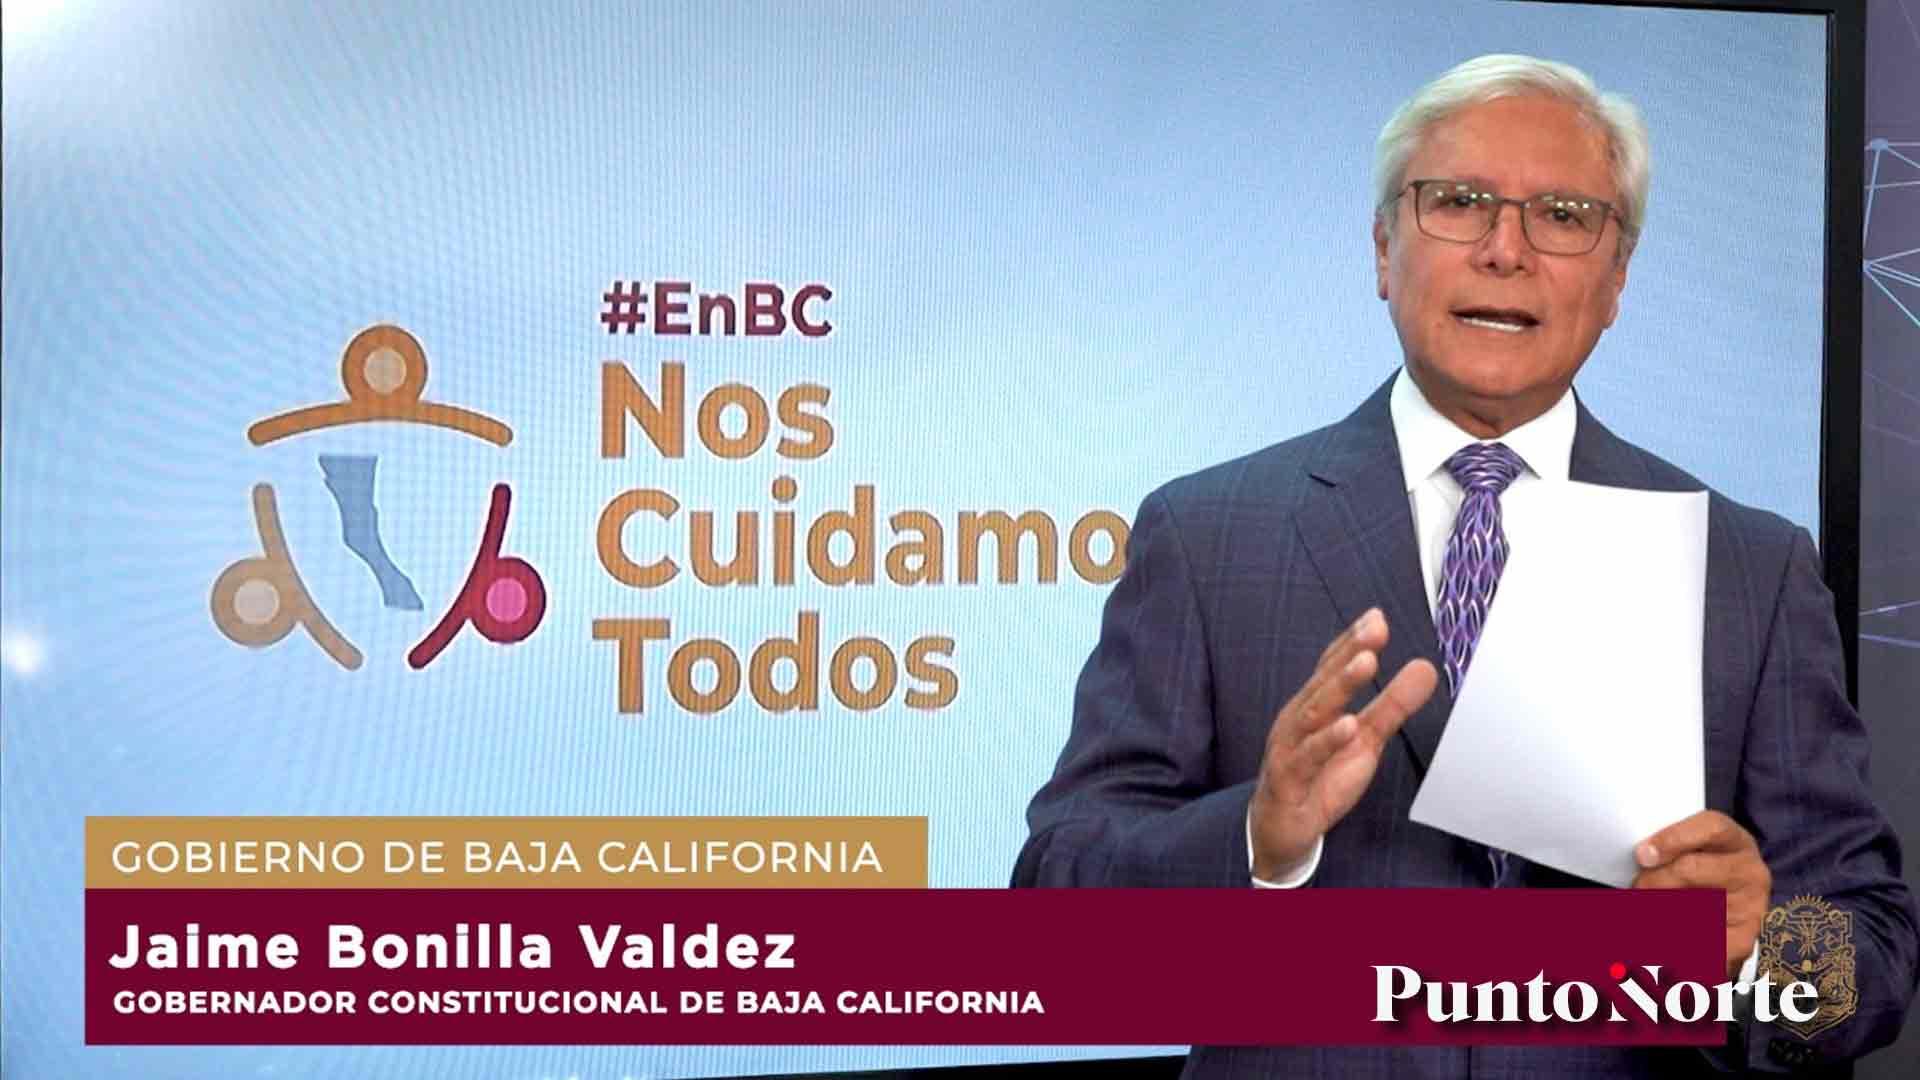 La pandemia nos puso a prueba, dice Bonilla de sus primeros 8 meses de gobierno